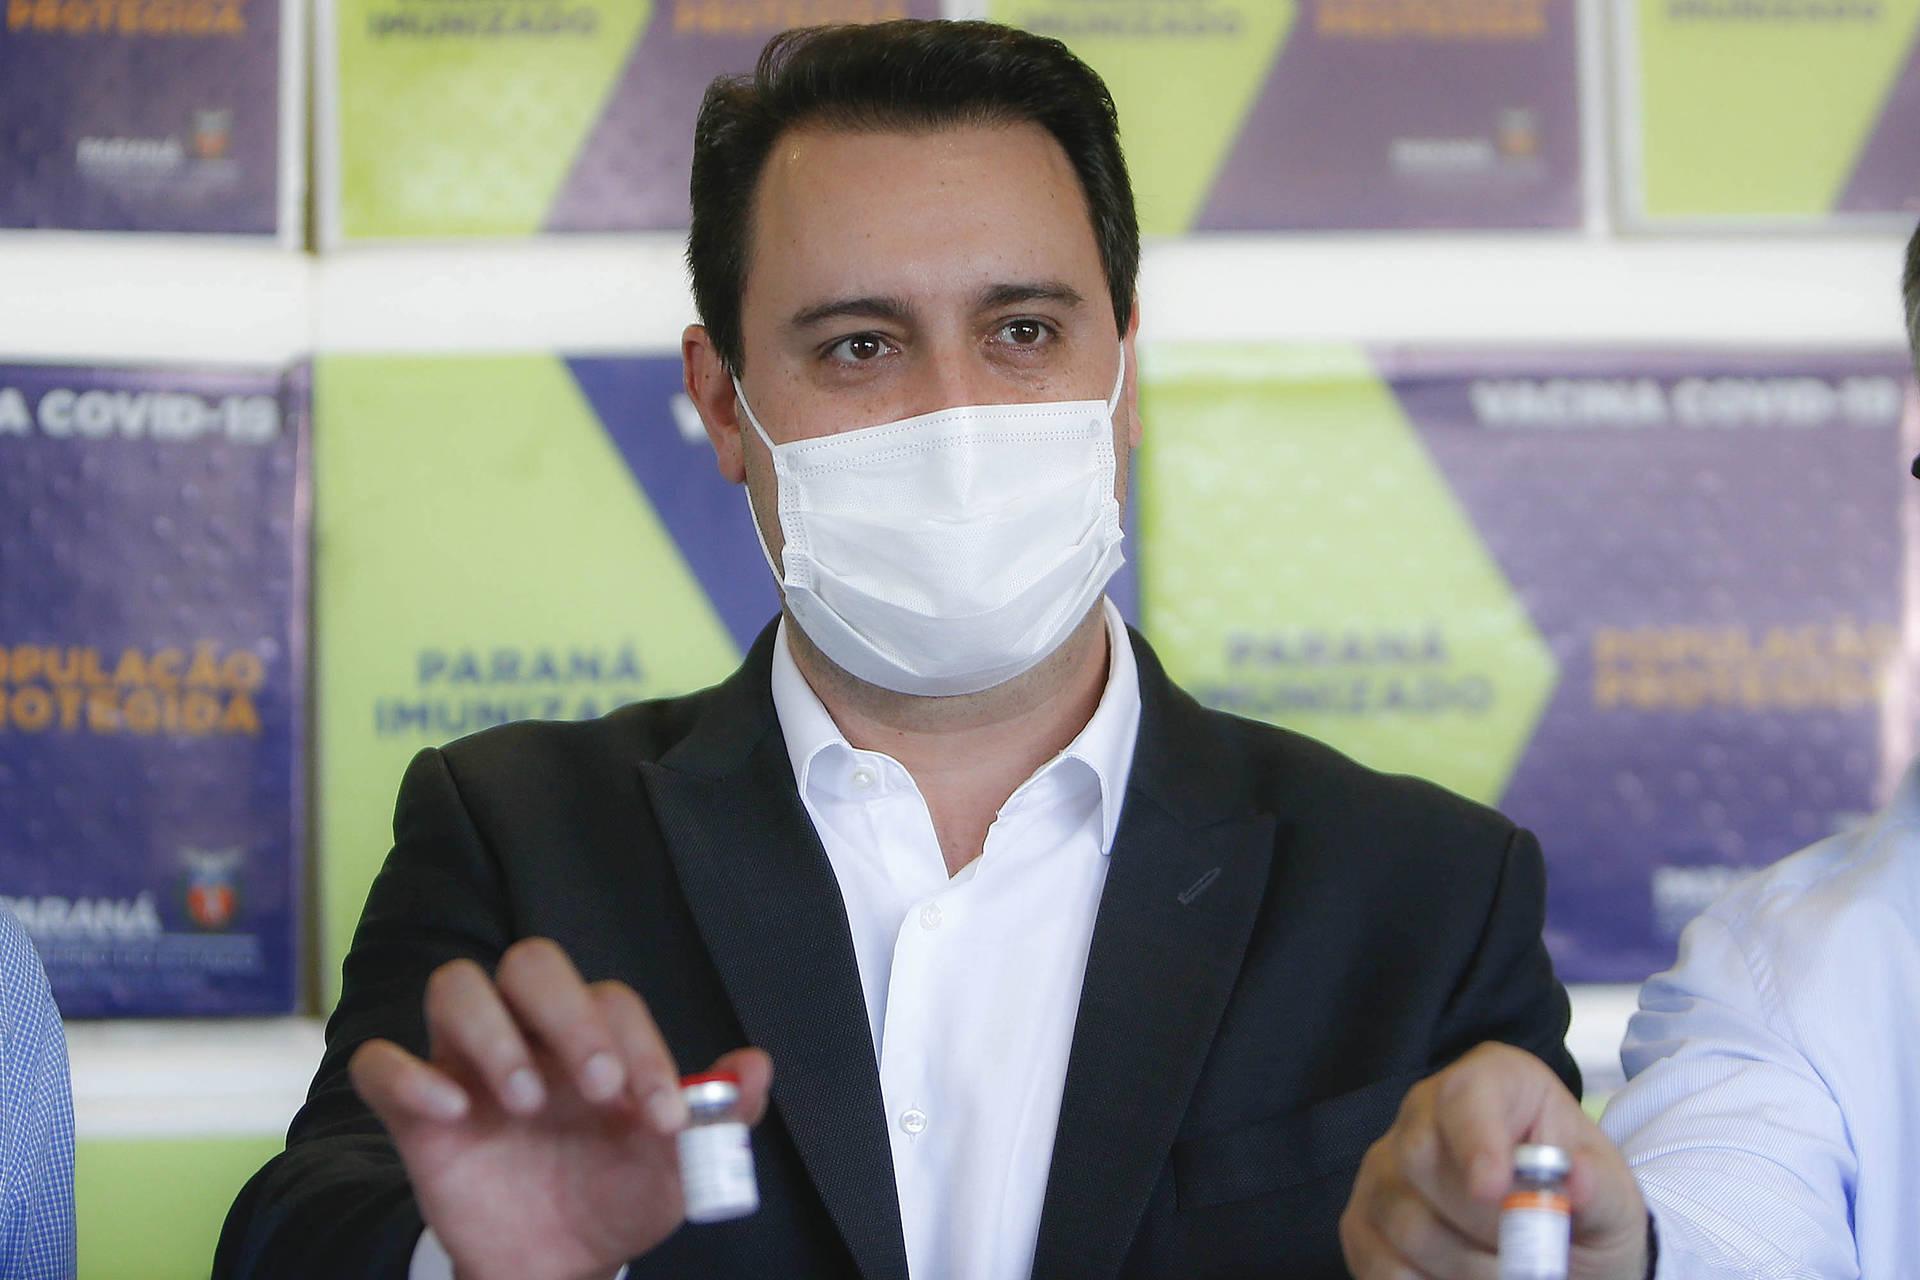 Toda a população adulta do Paraná será vacinada com a 1ª dose contra a Covid-19 até setembro